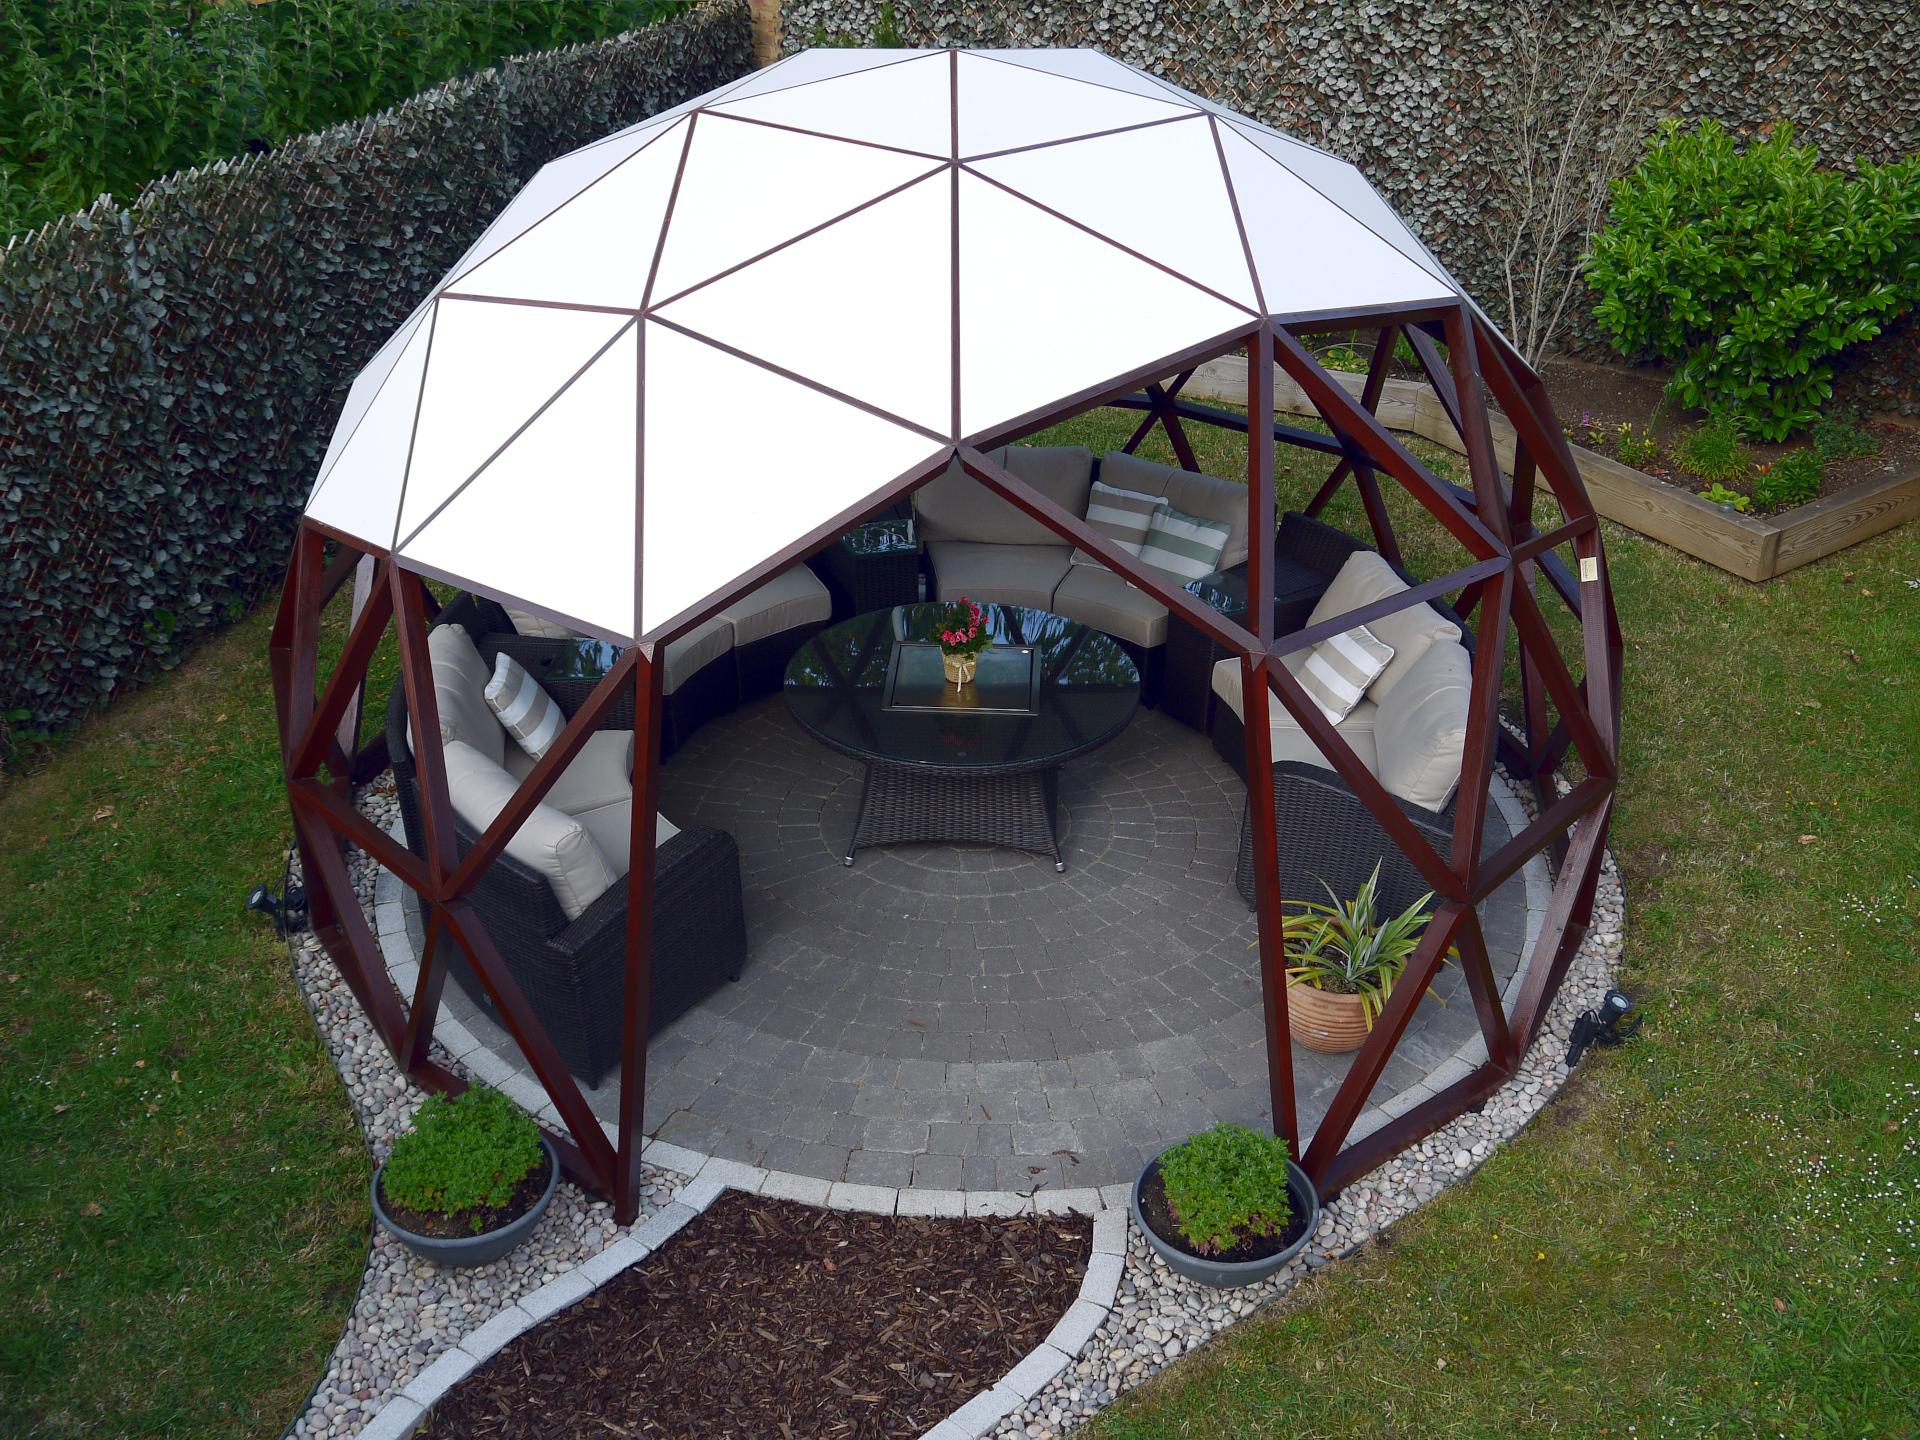 ArmaGado Dome Shelter